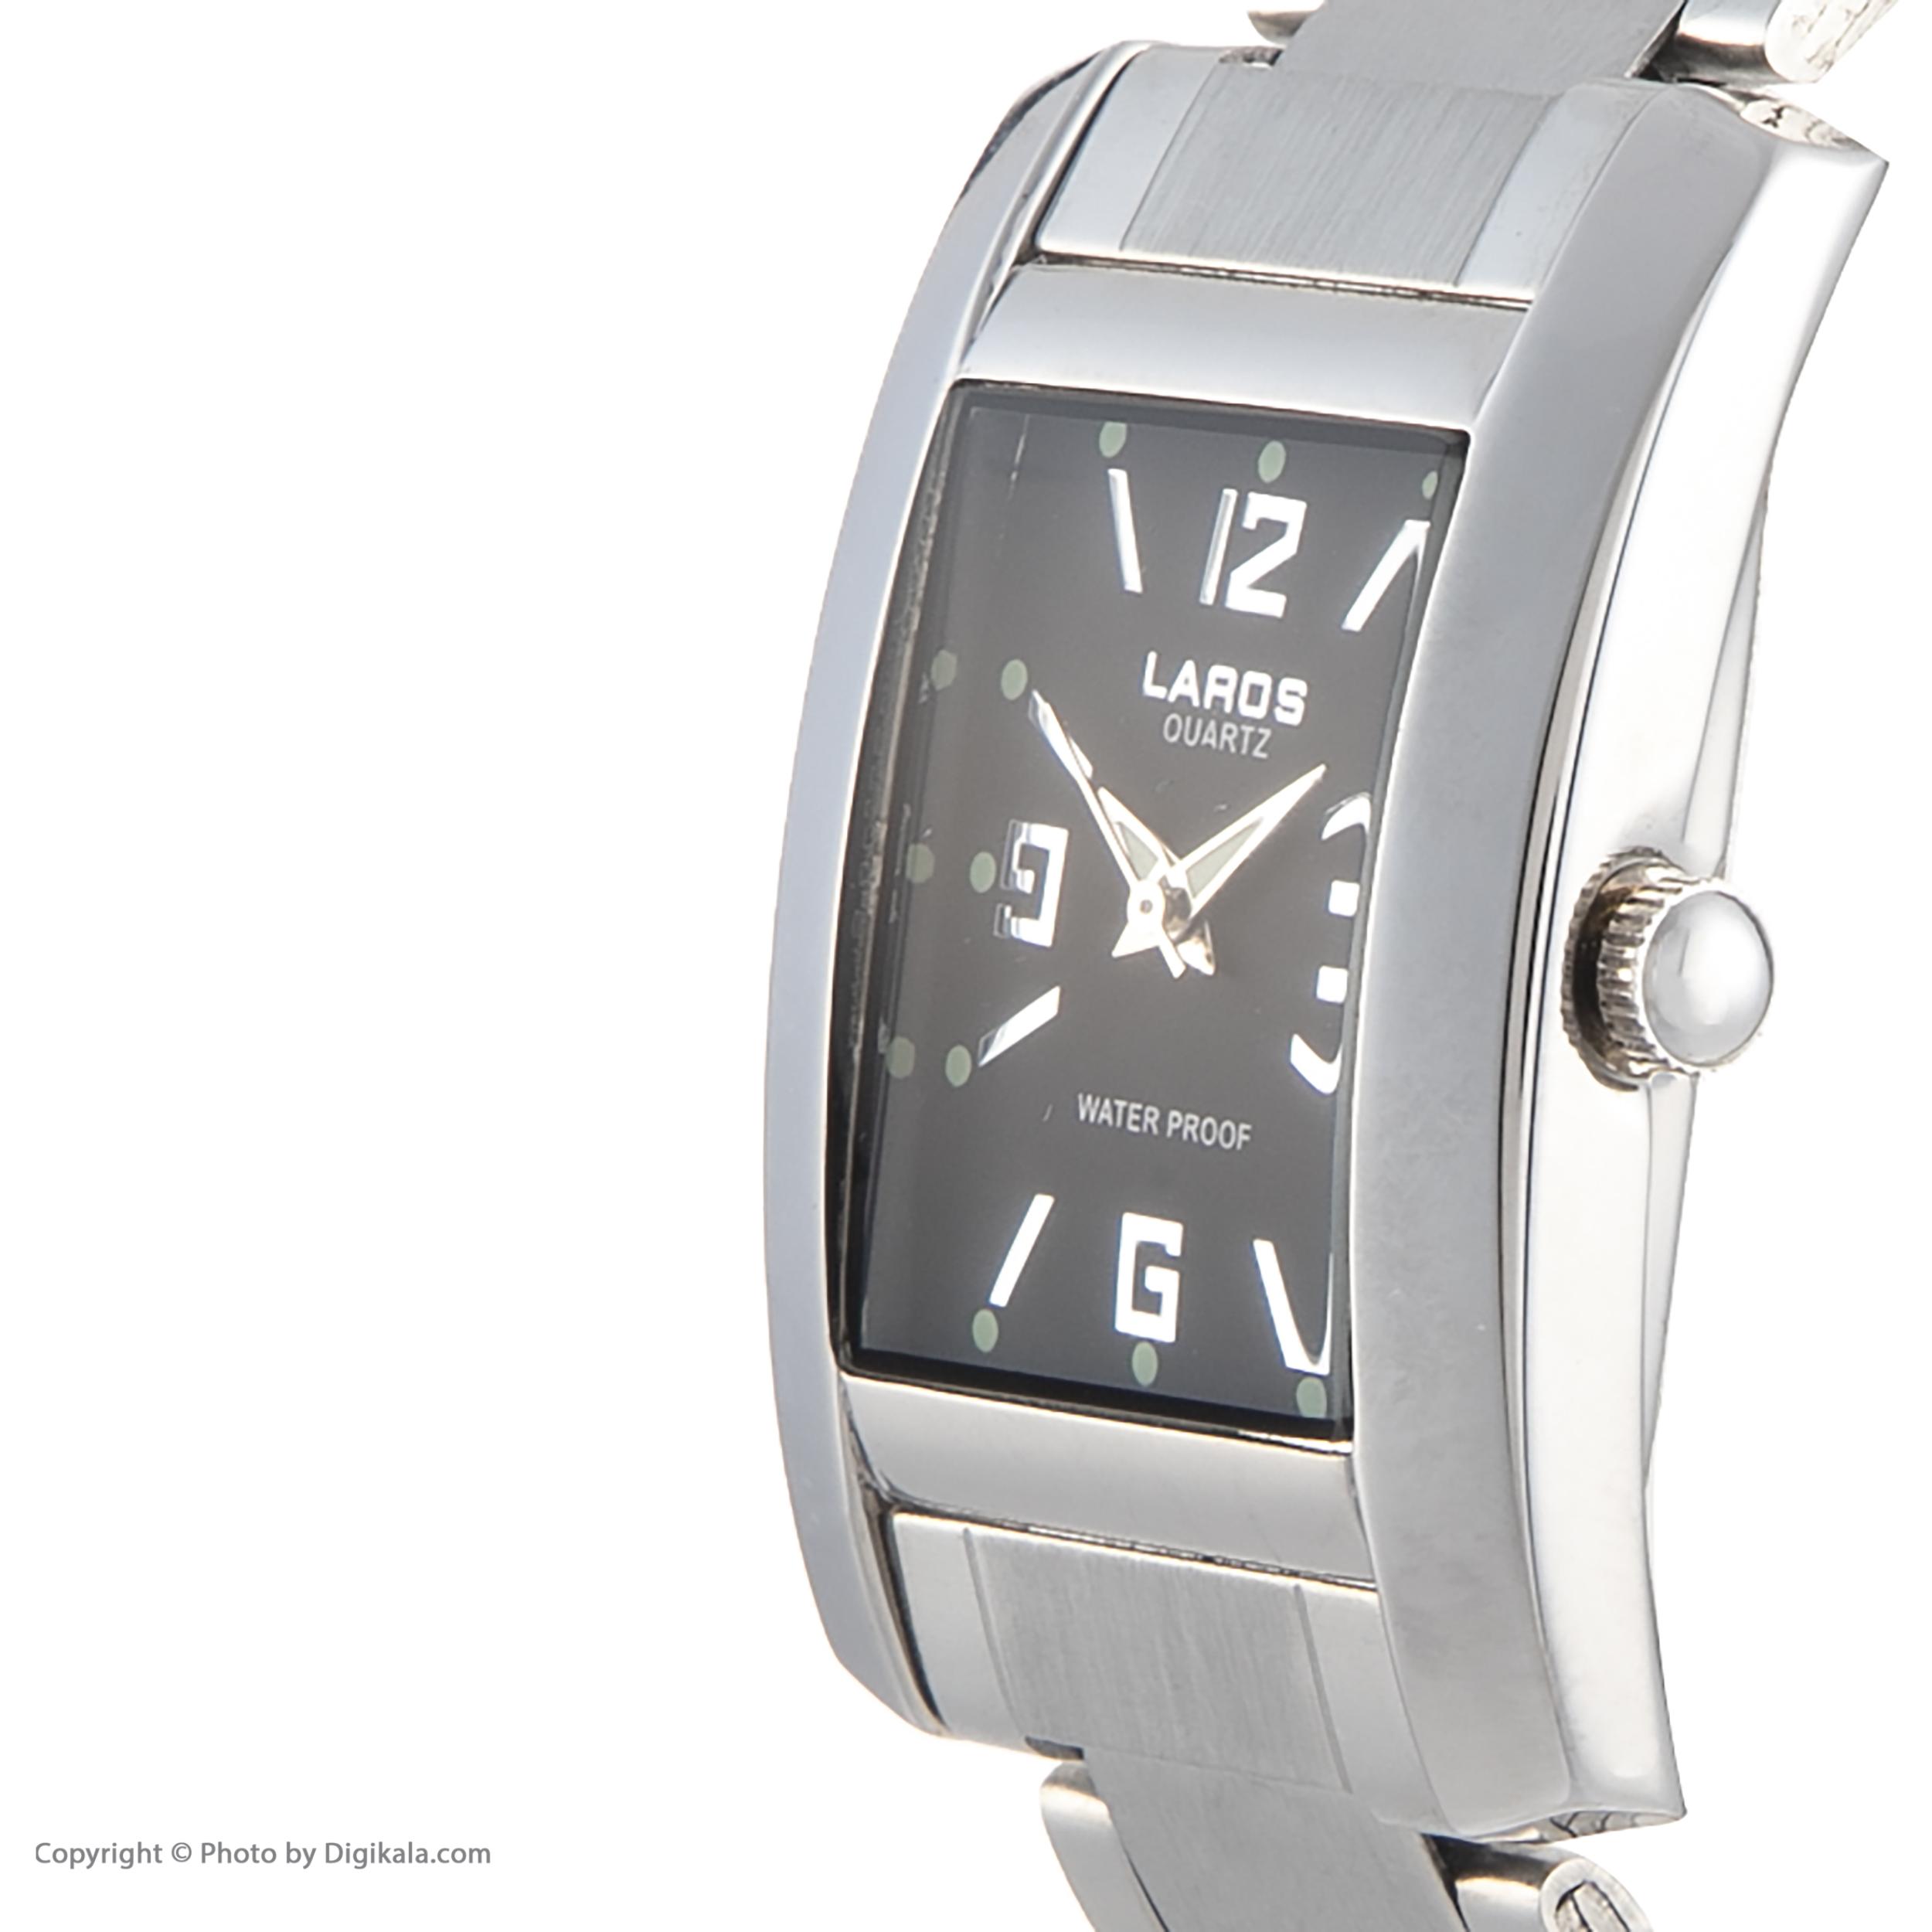 ساعت مچی عقربه ای لاروس مدل No 812-73335